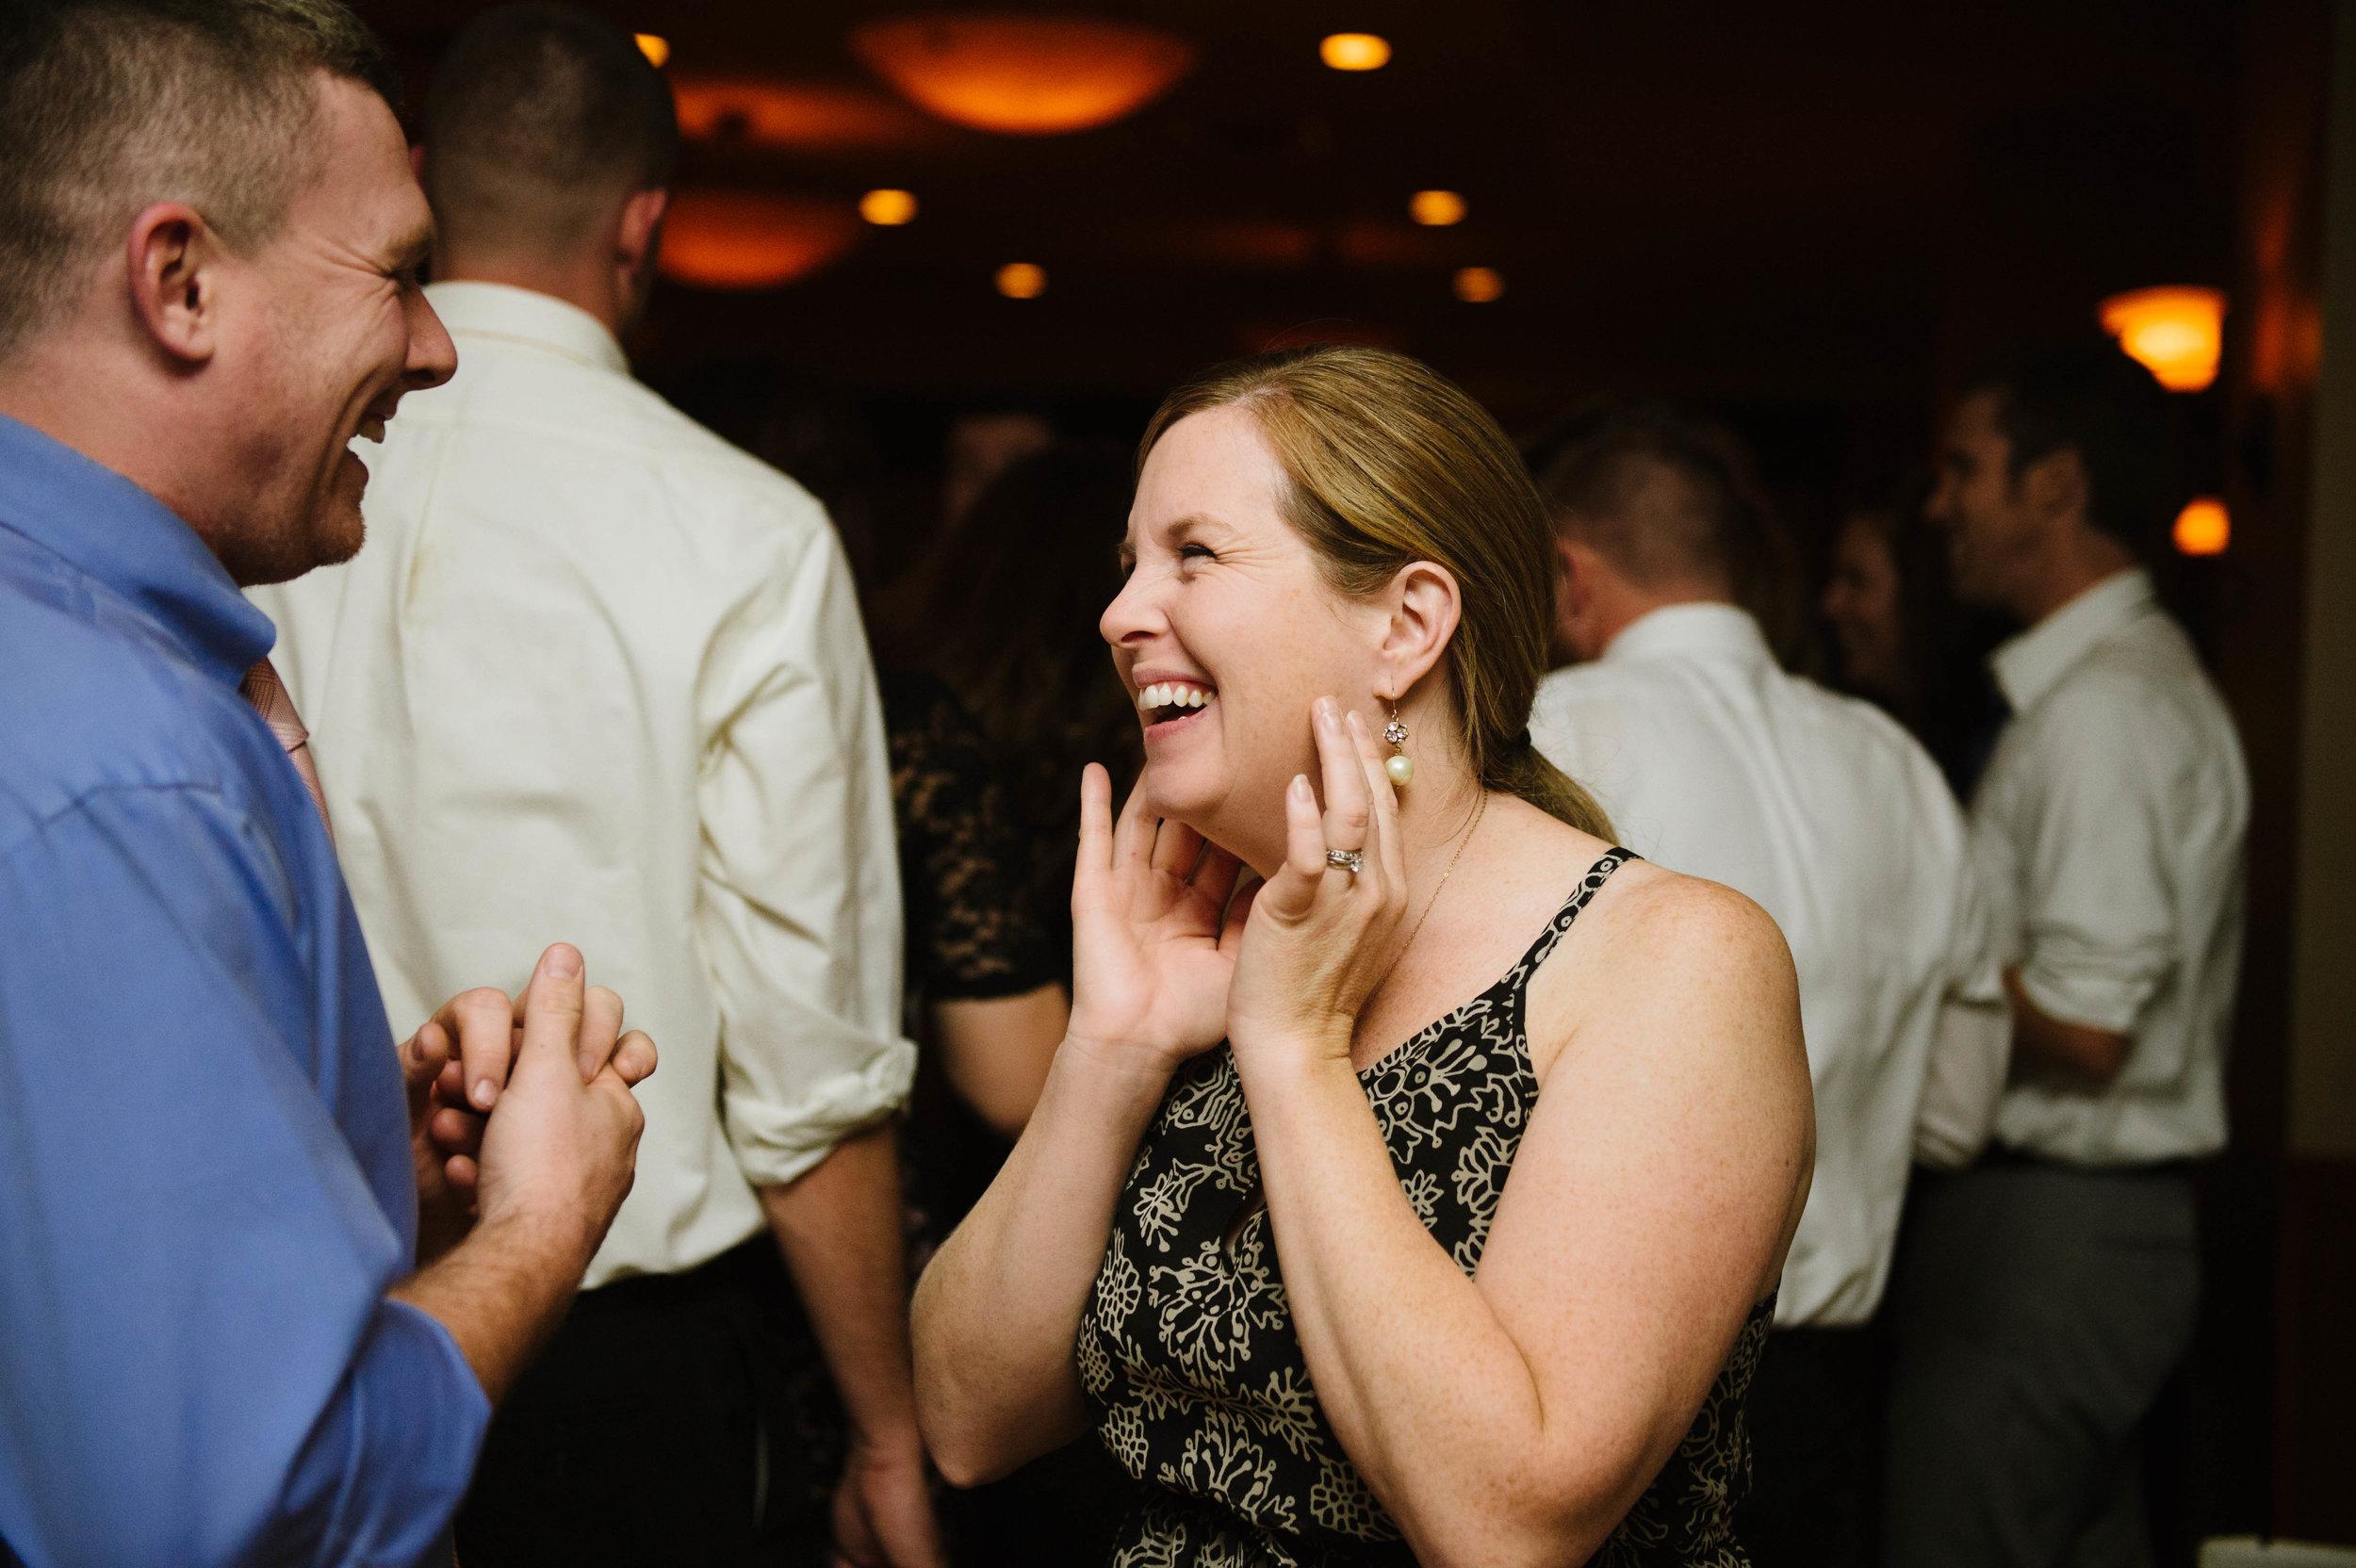 Candid-Wedding-Photography-Massachusetts033.jpg